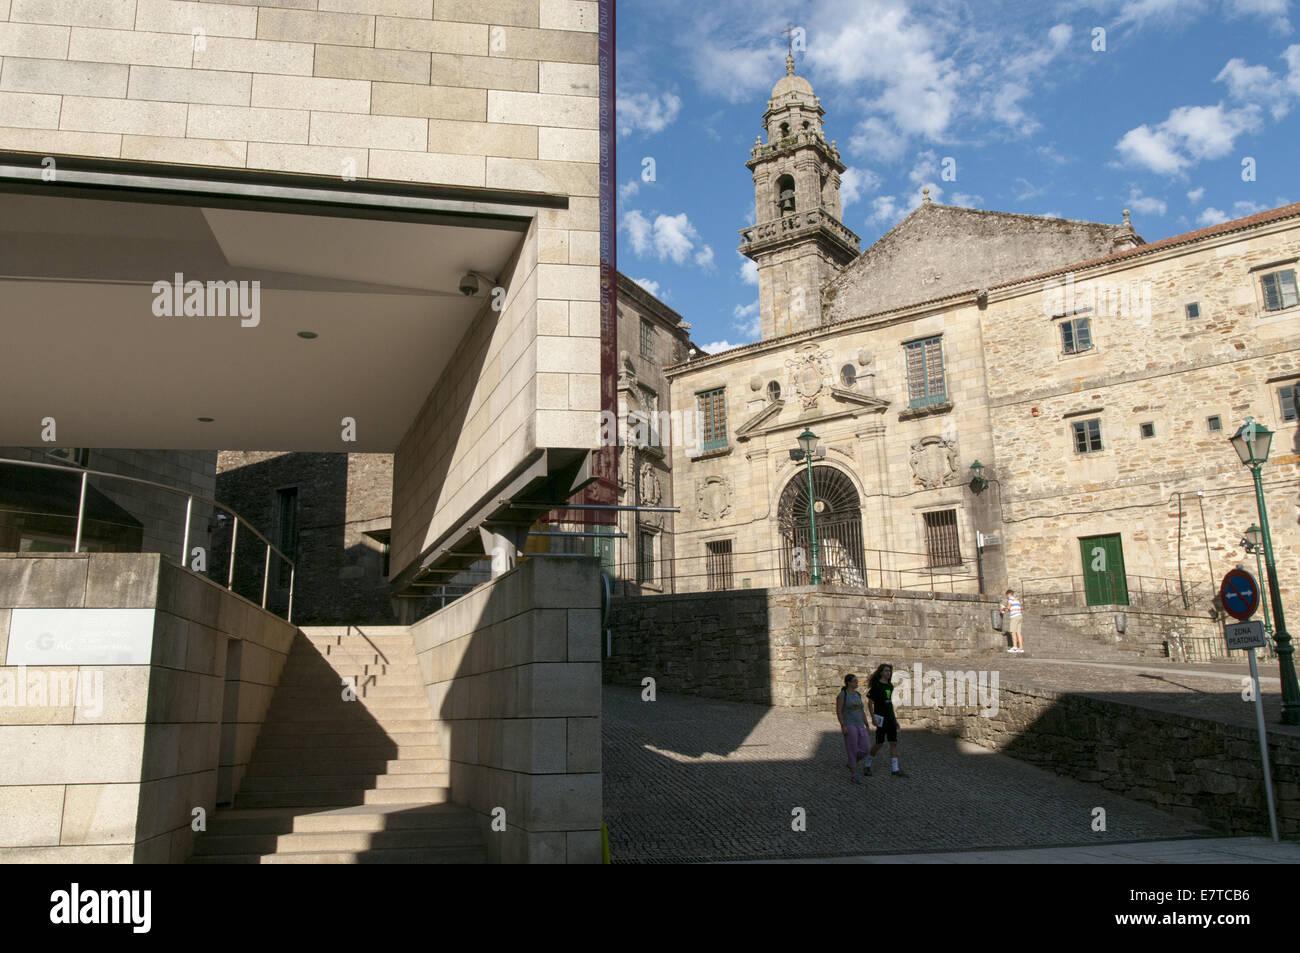 Arquitectos santiago de compostela great estado actual de la fachada oeste de la catedral - Arquitectos santiago de compostela ...